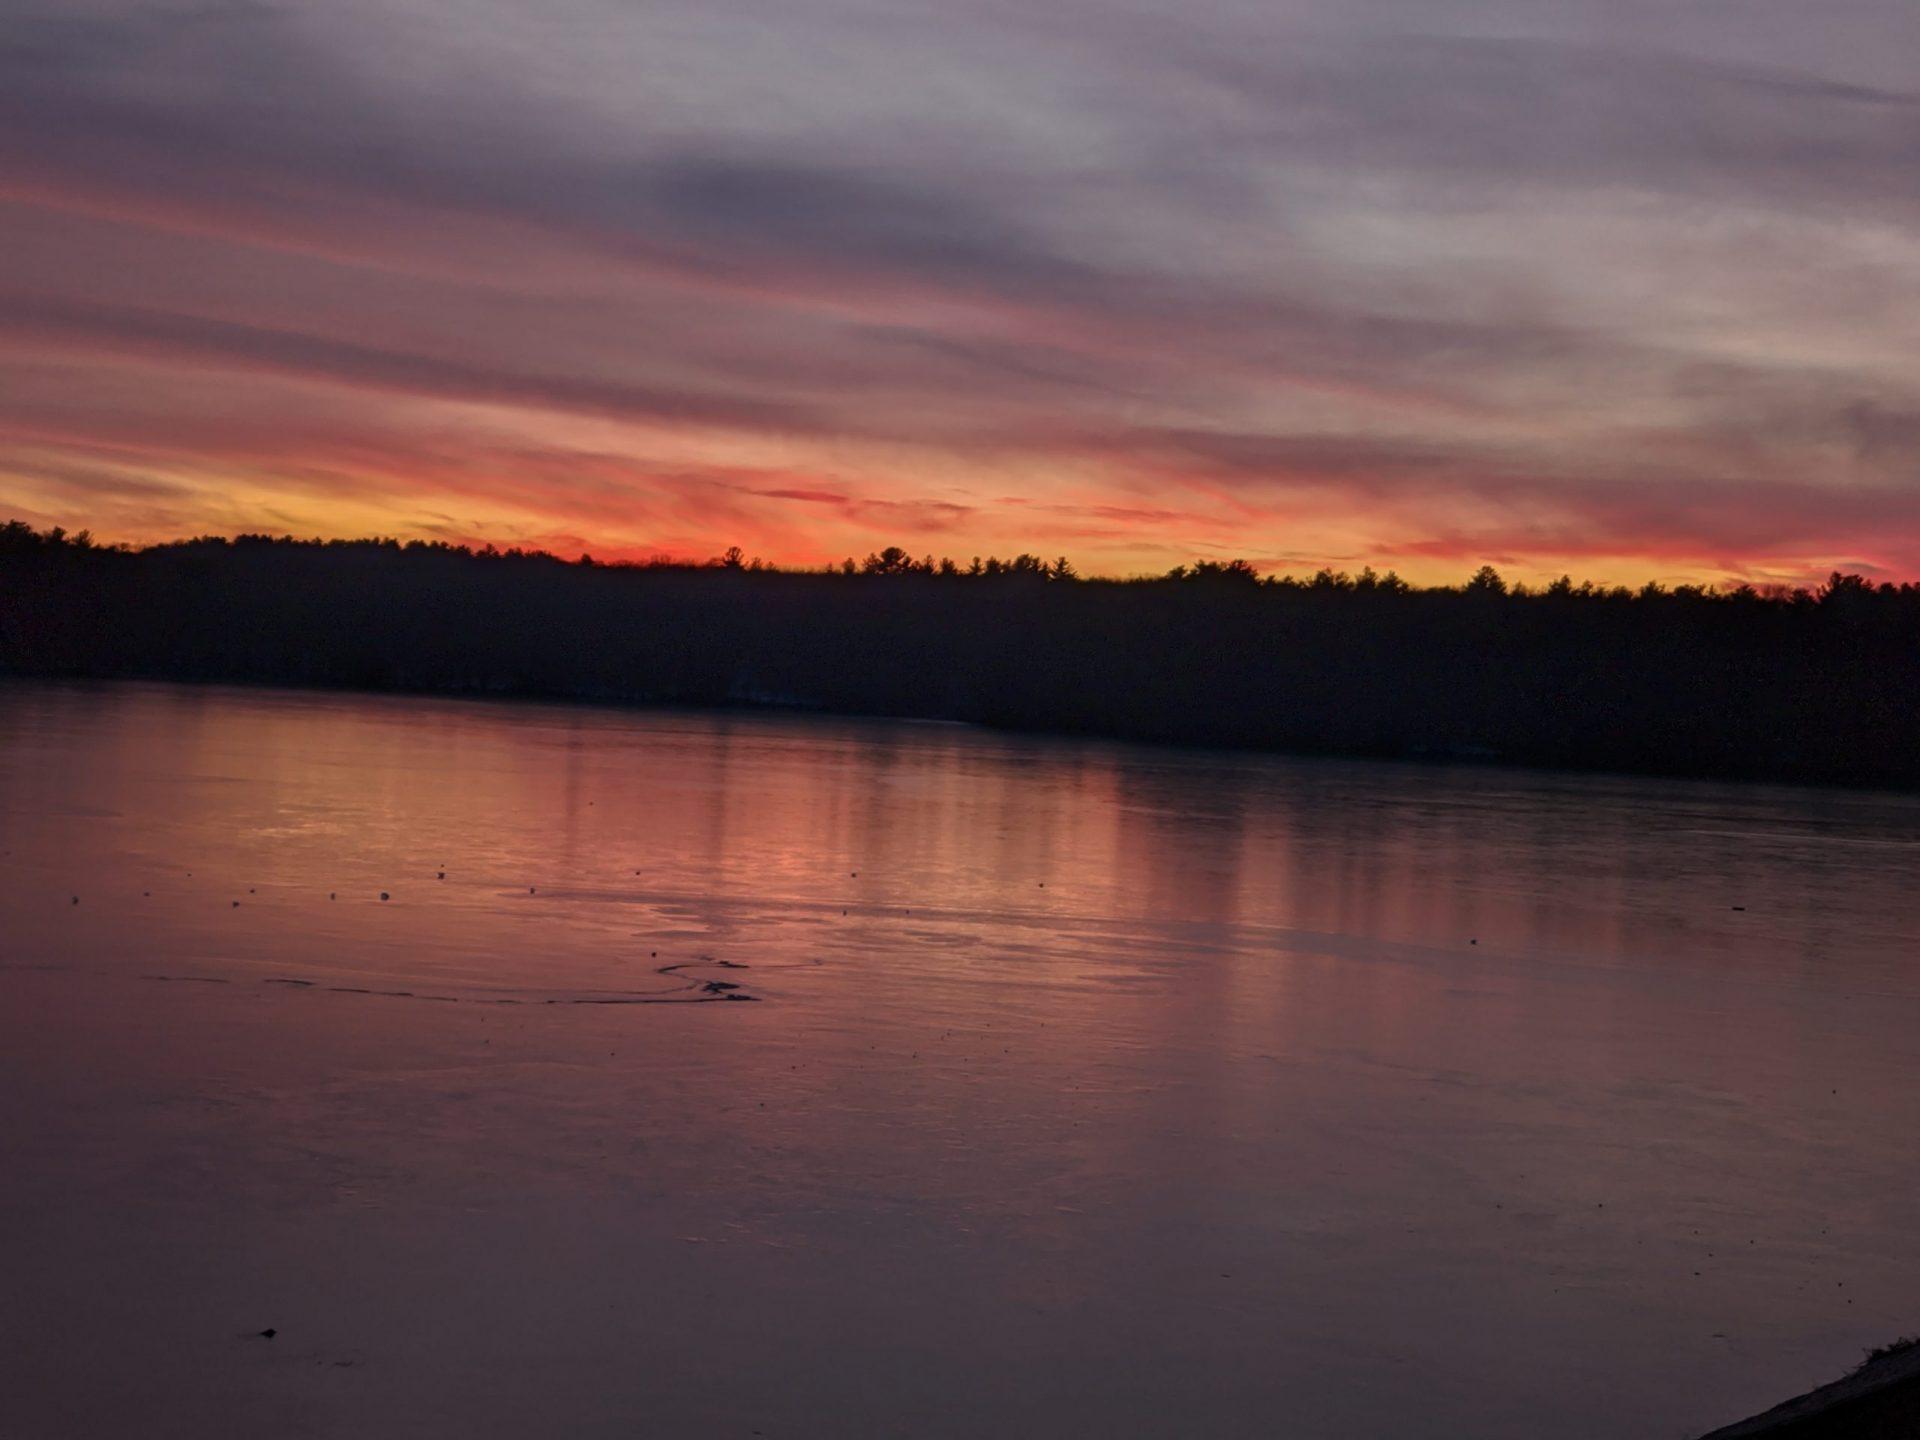 Christmas sunset on frozen Ashland Reservoir 2019